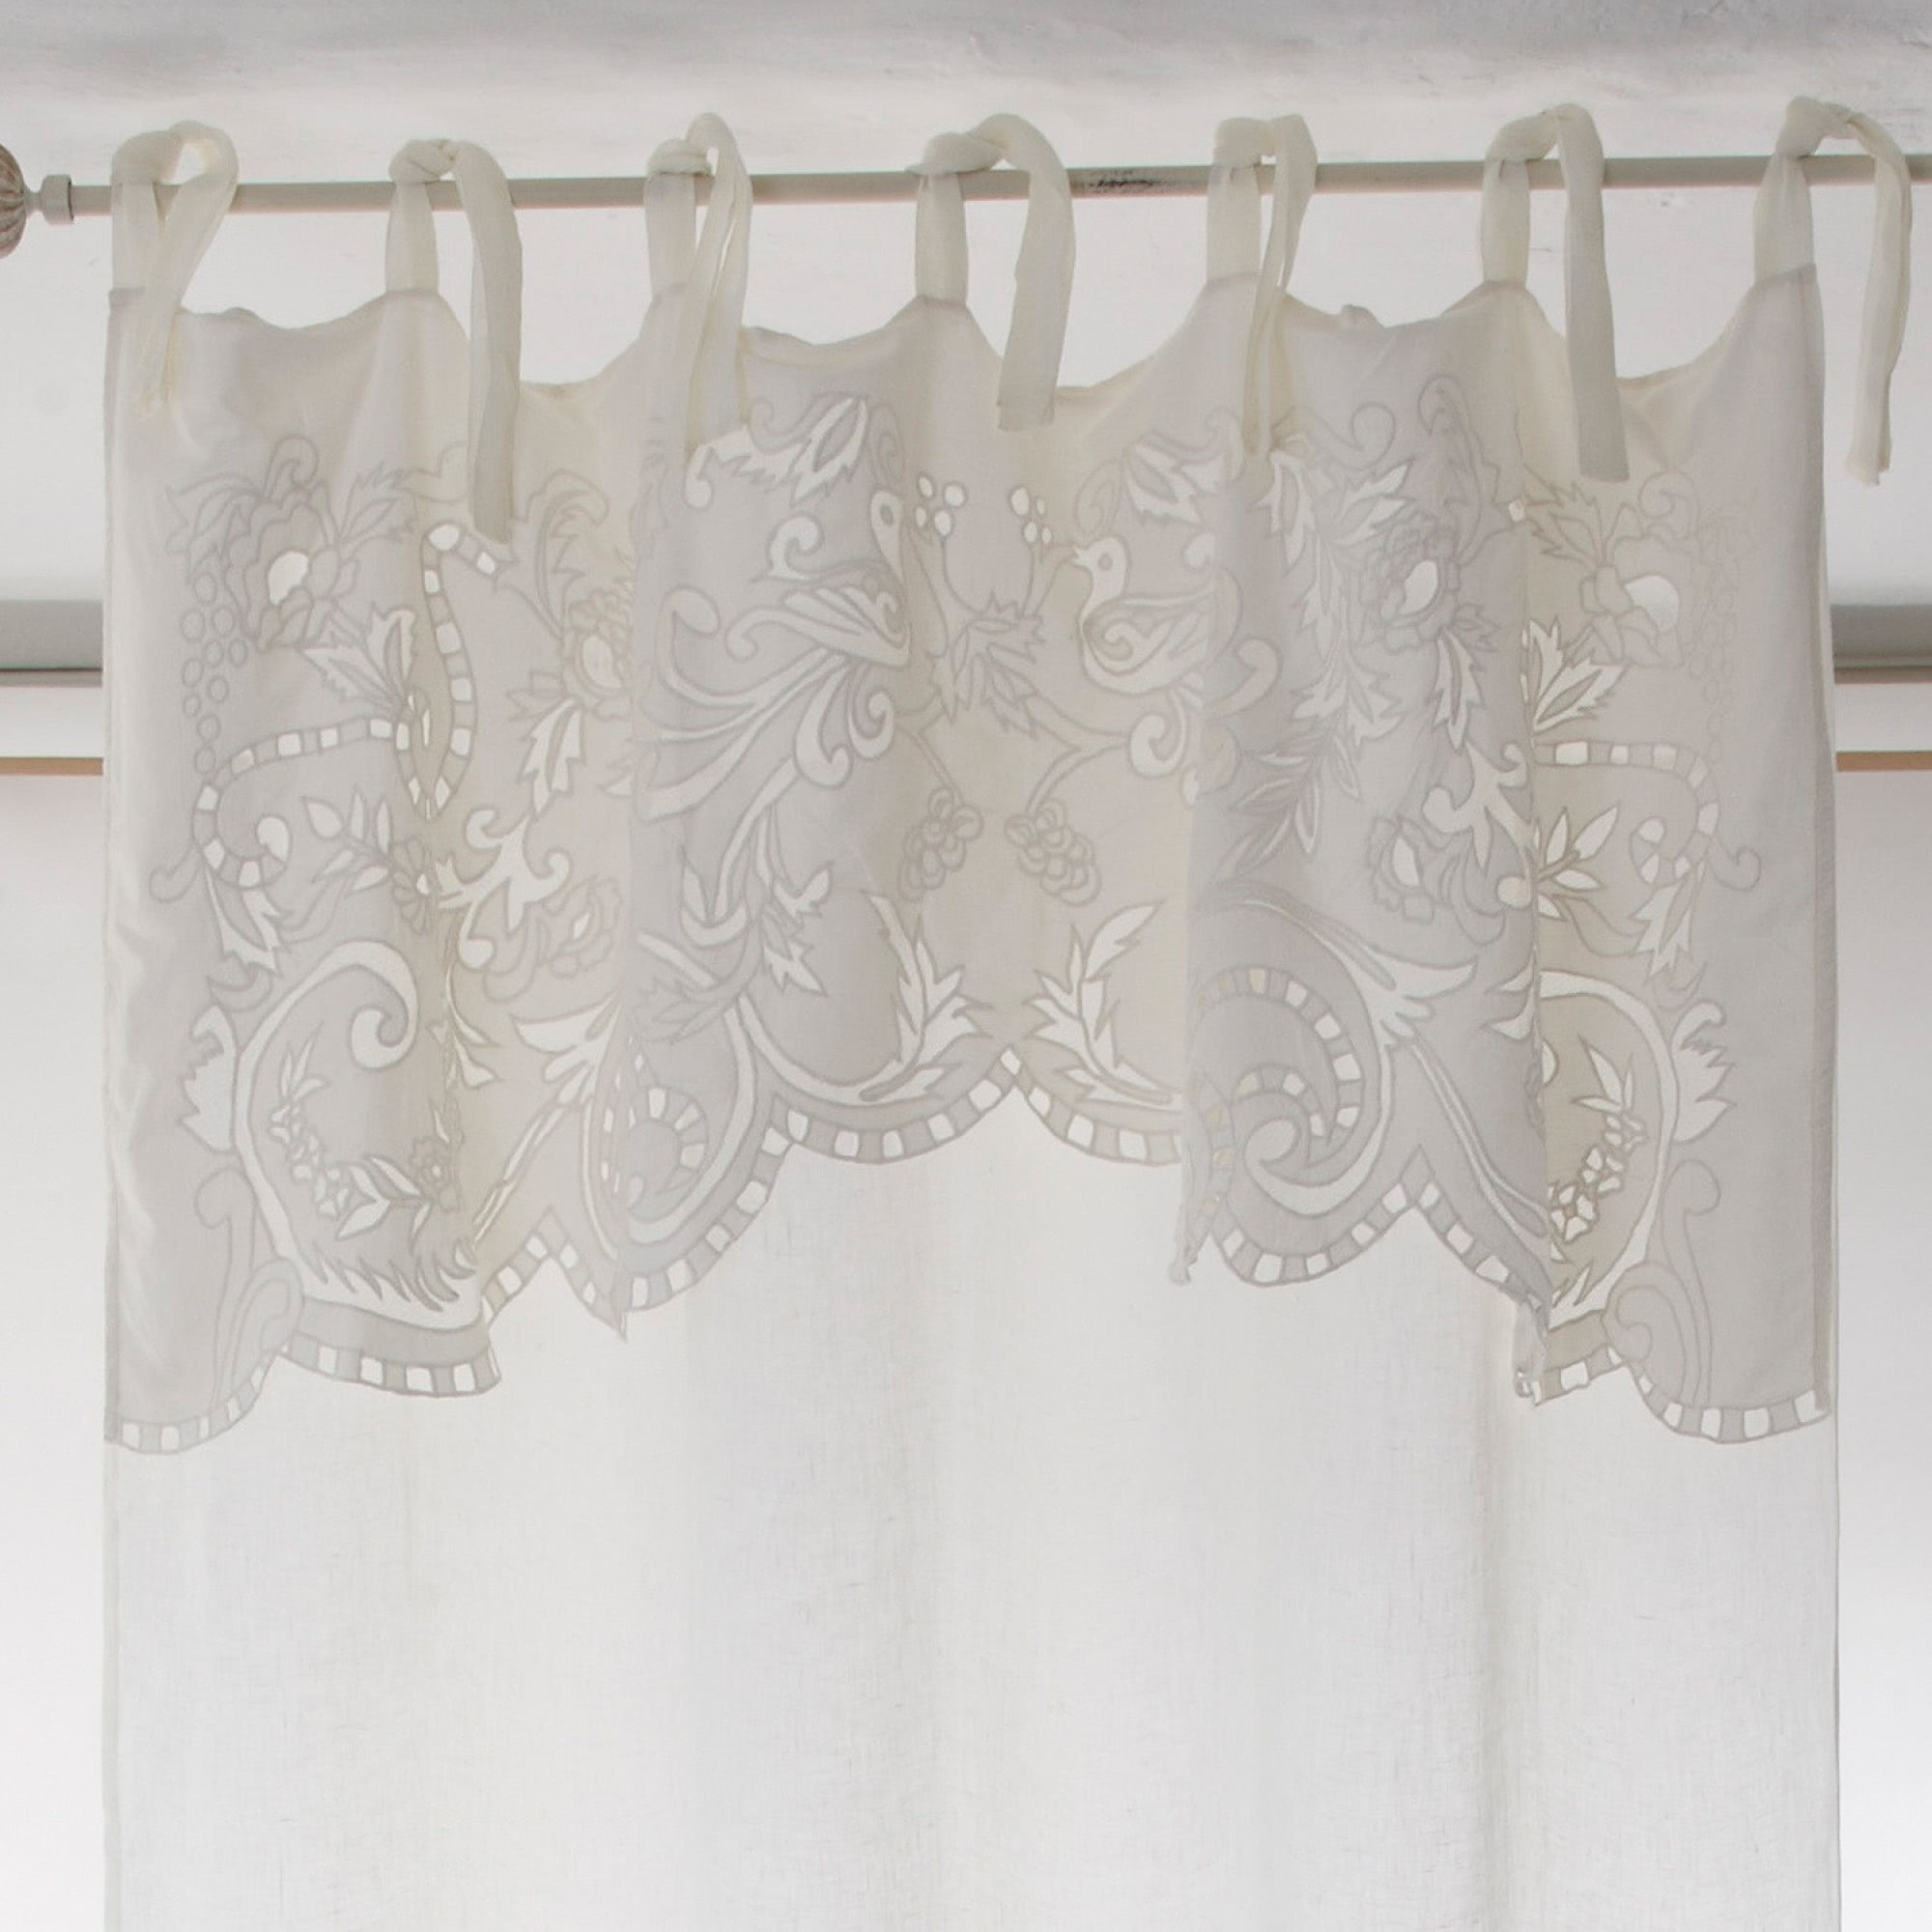 leinen gardinen leinen gardinen leinen gardinen wei. Black Bedroom Furniture Sets. Home Design Ideas